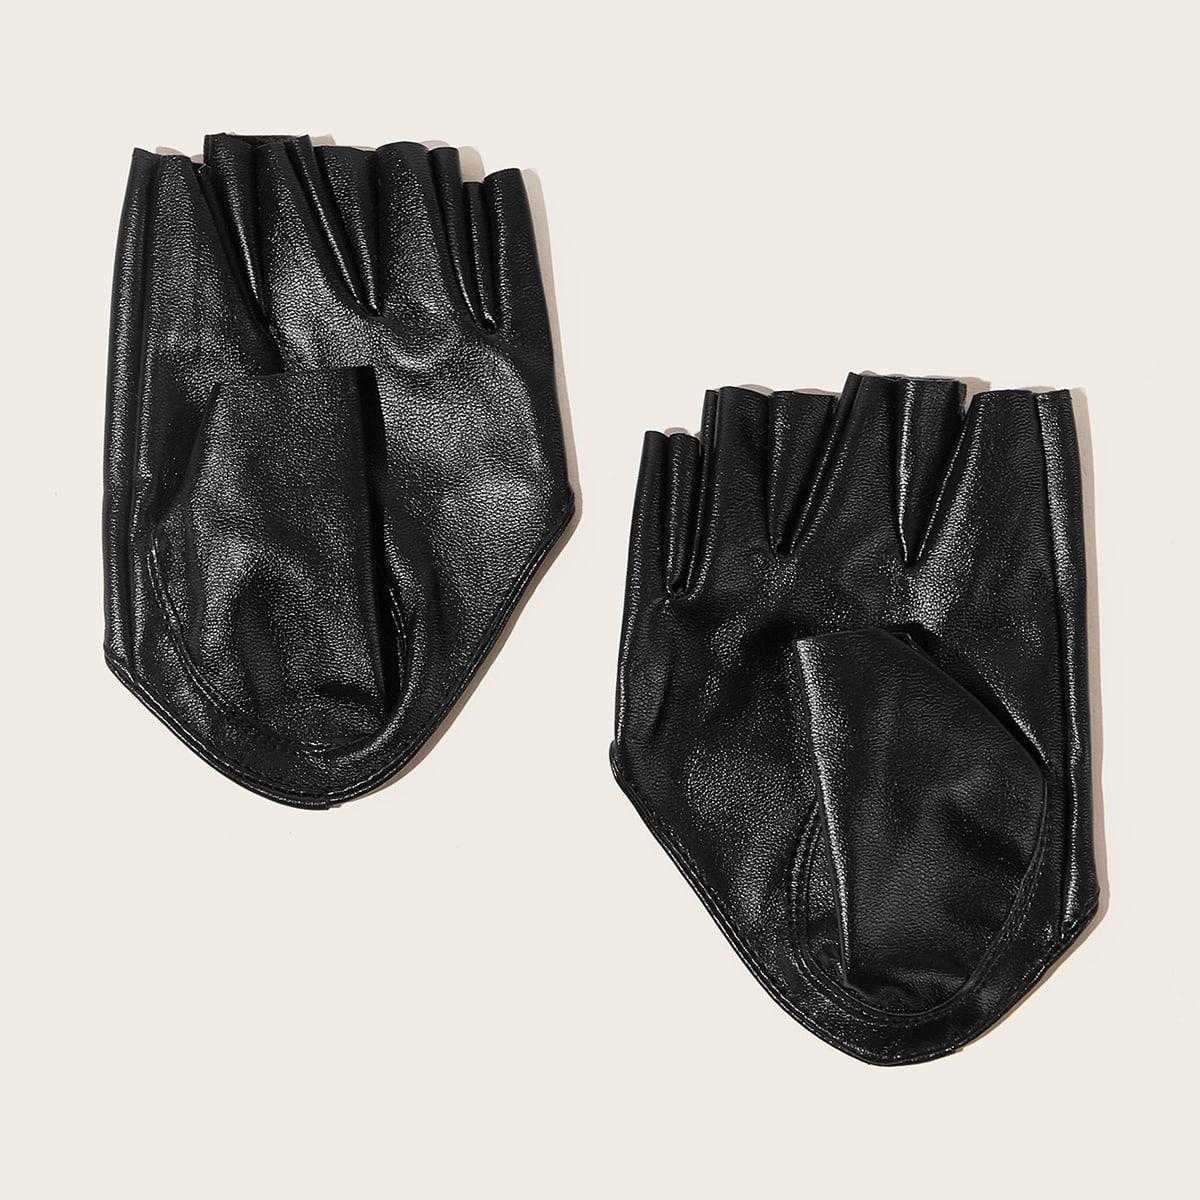 Перчатки с открытыми пальцами из искусственной кожи от SHEIN